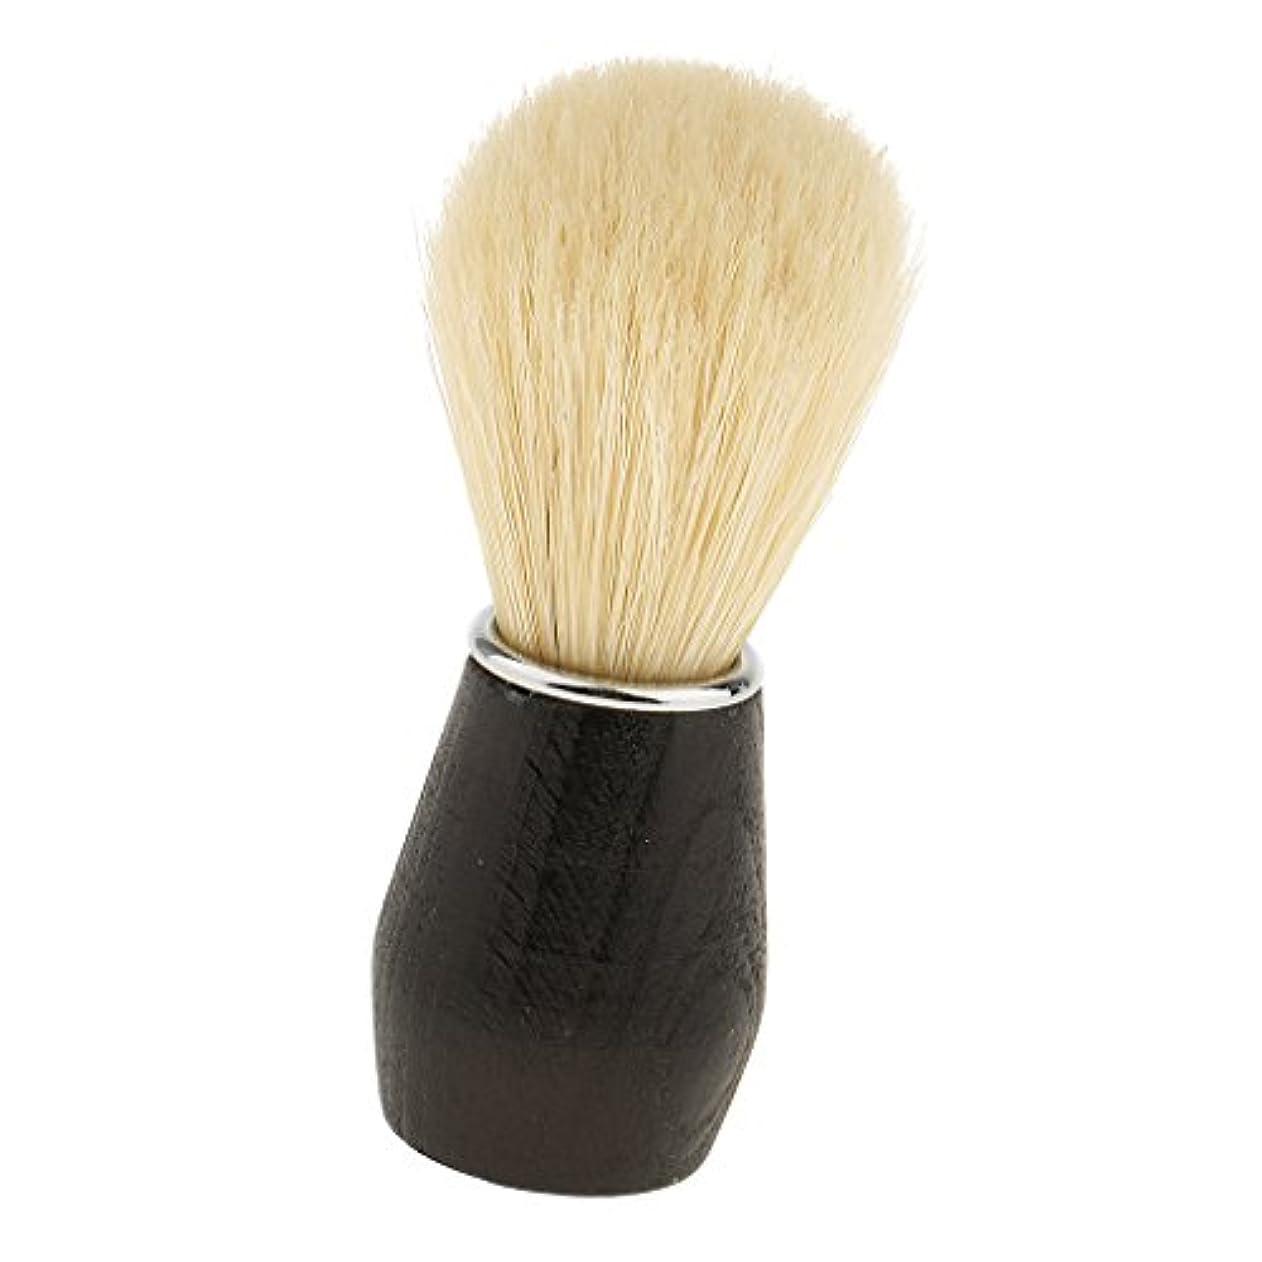 マート活発オーケストラdailymall ひげ剃りブラシ シェービングブラシ メンズ 髭剃り プロフェッショナル ひげ剃り 美容ツール